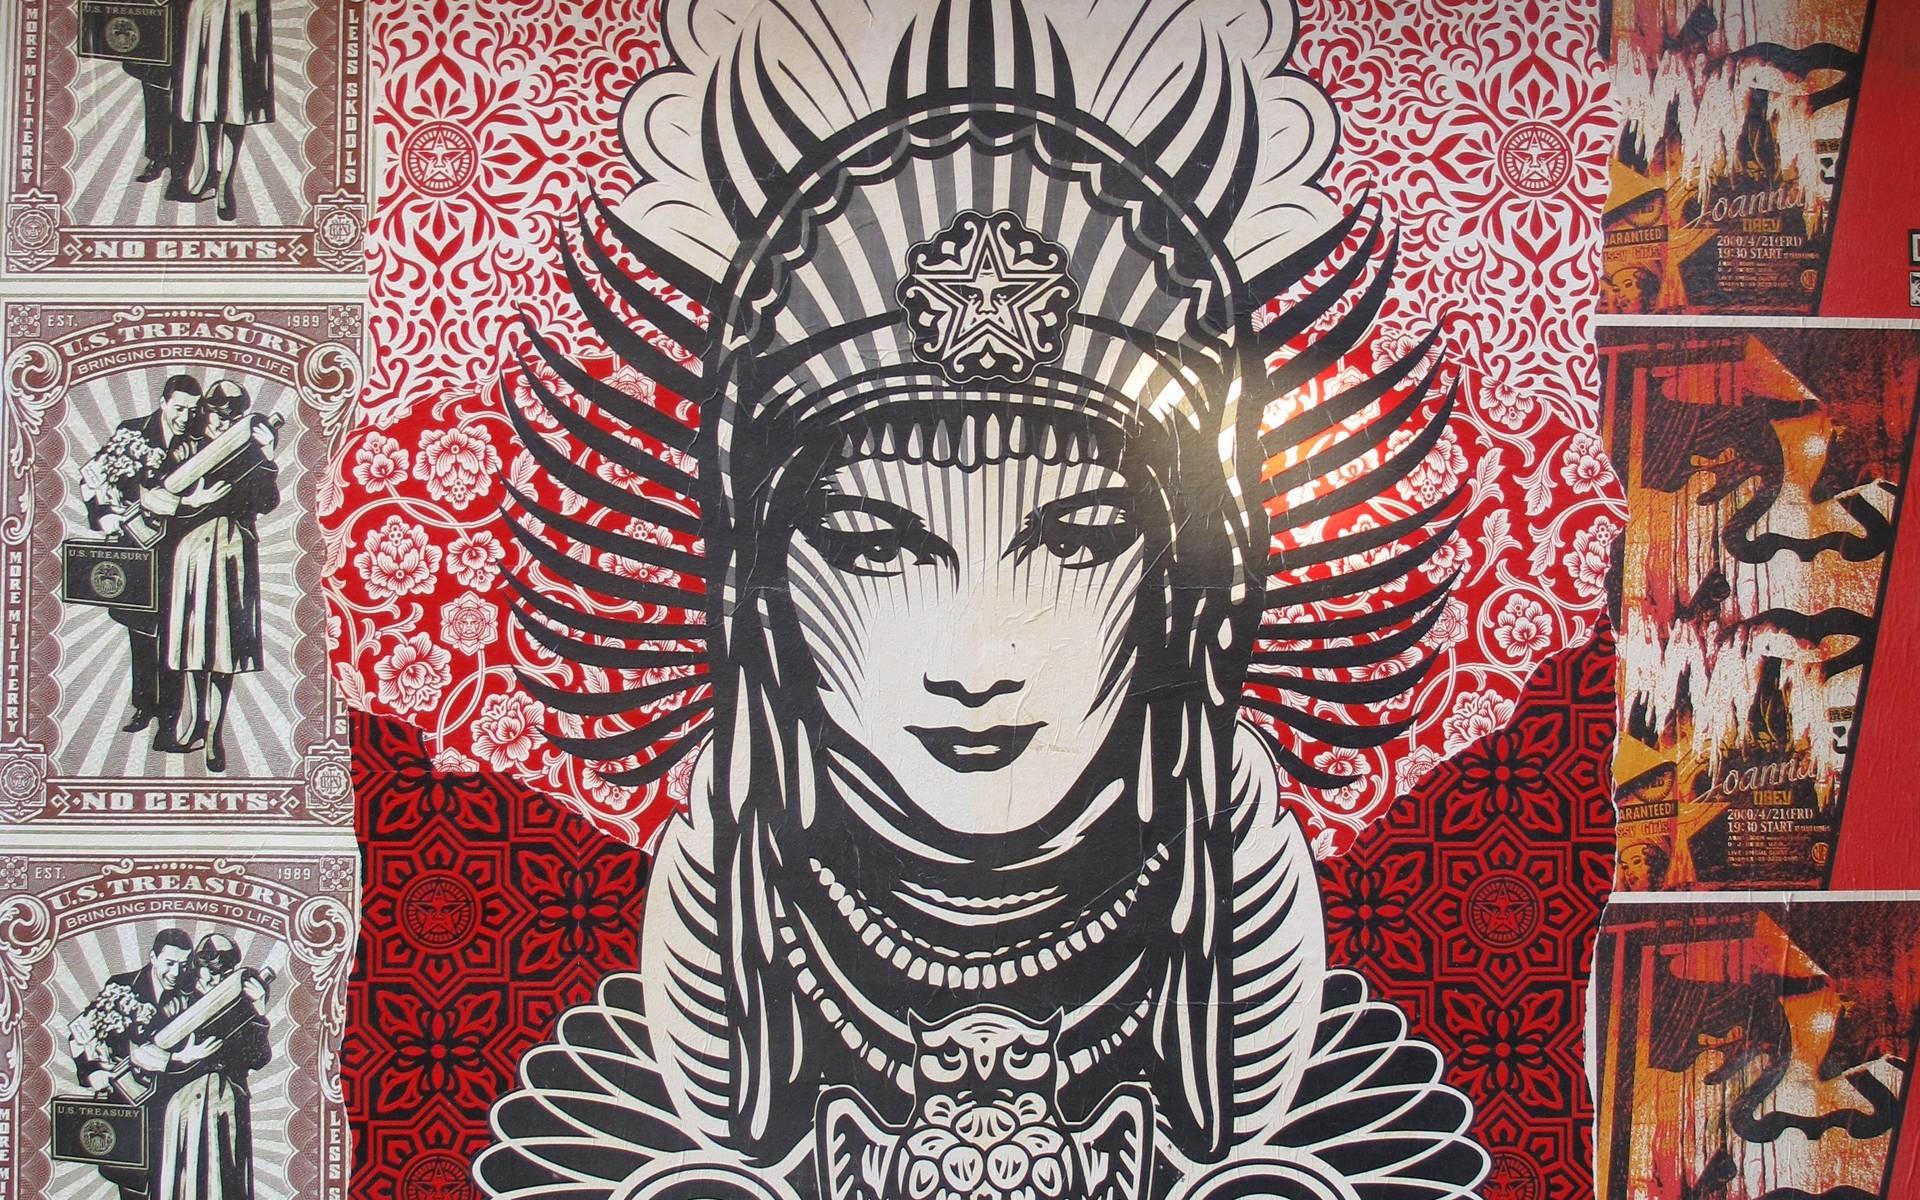 2560x1600 Graffiti Art Wallpapers High Resolution